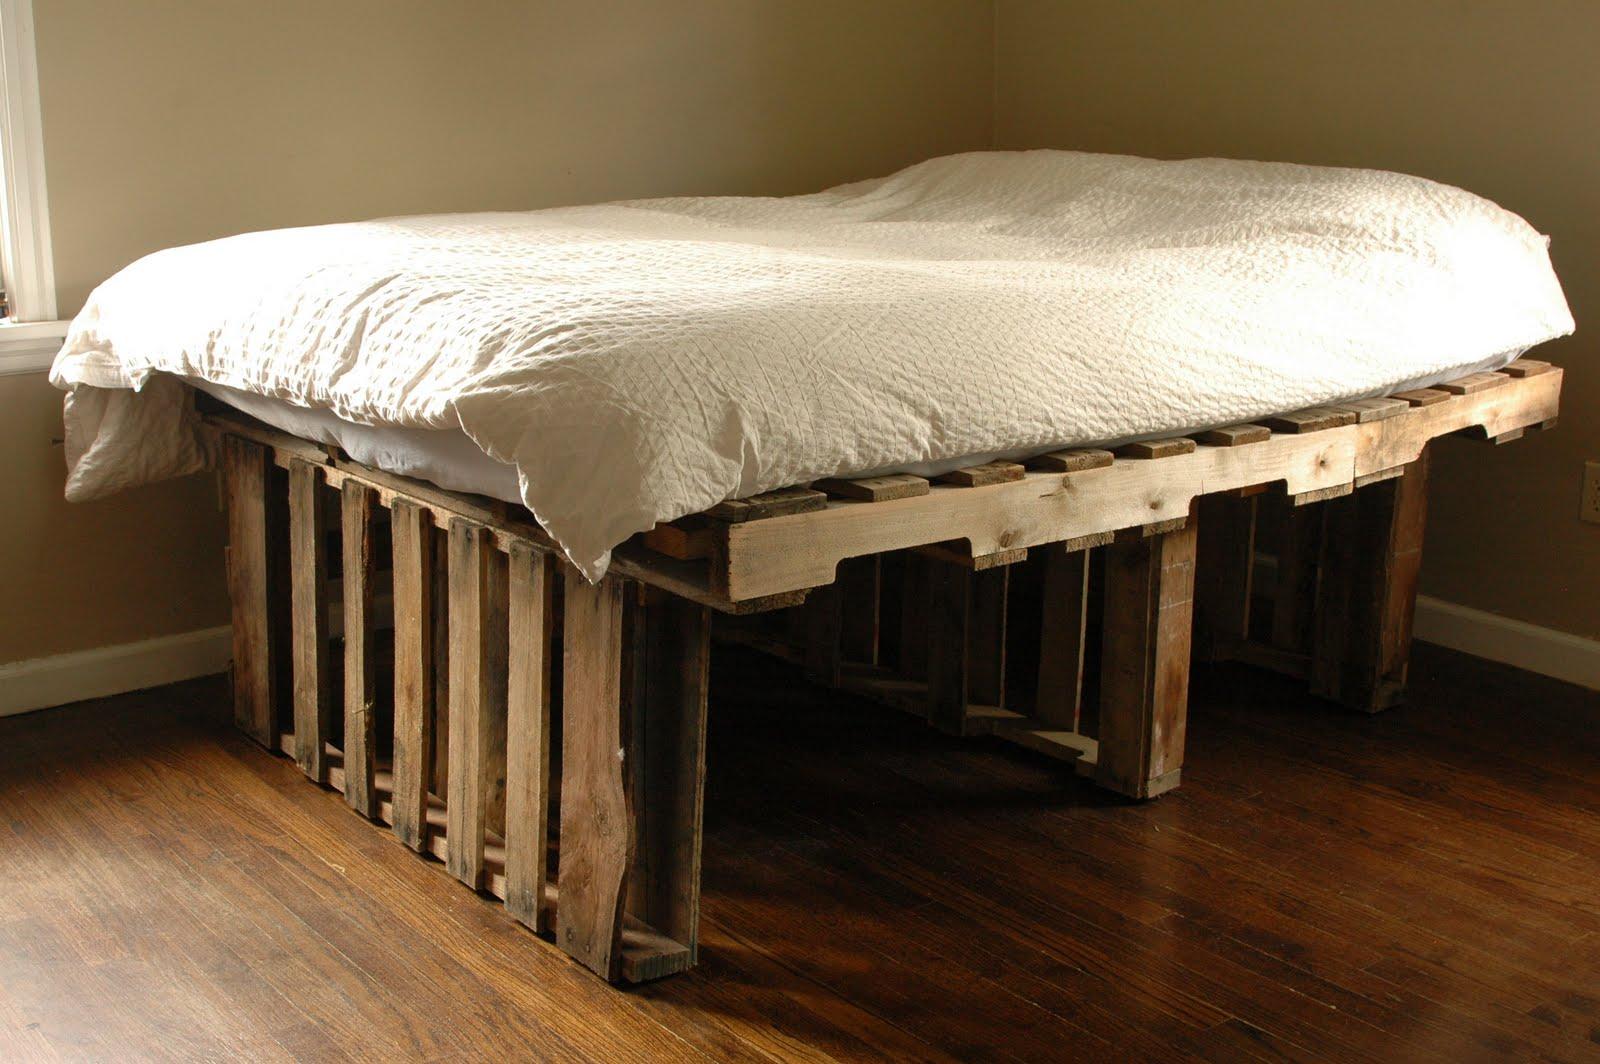 Elegant Pallet Queen Bed Frame Instructions